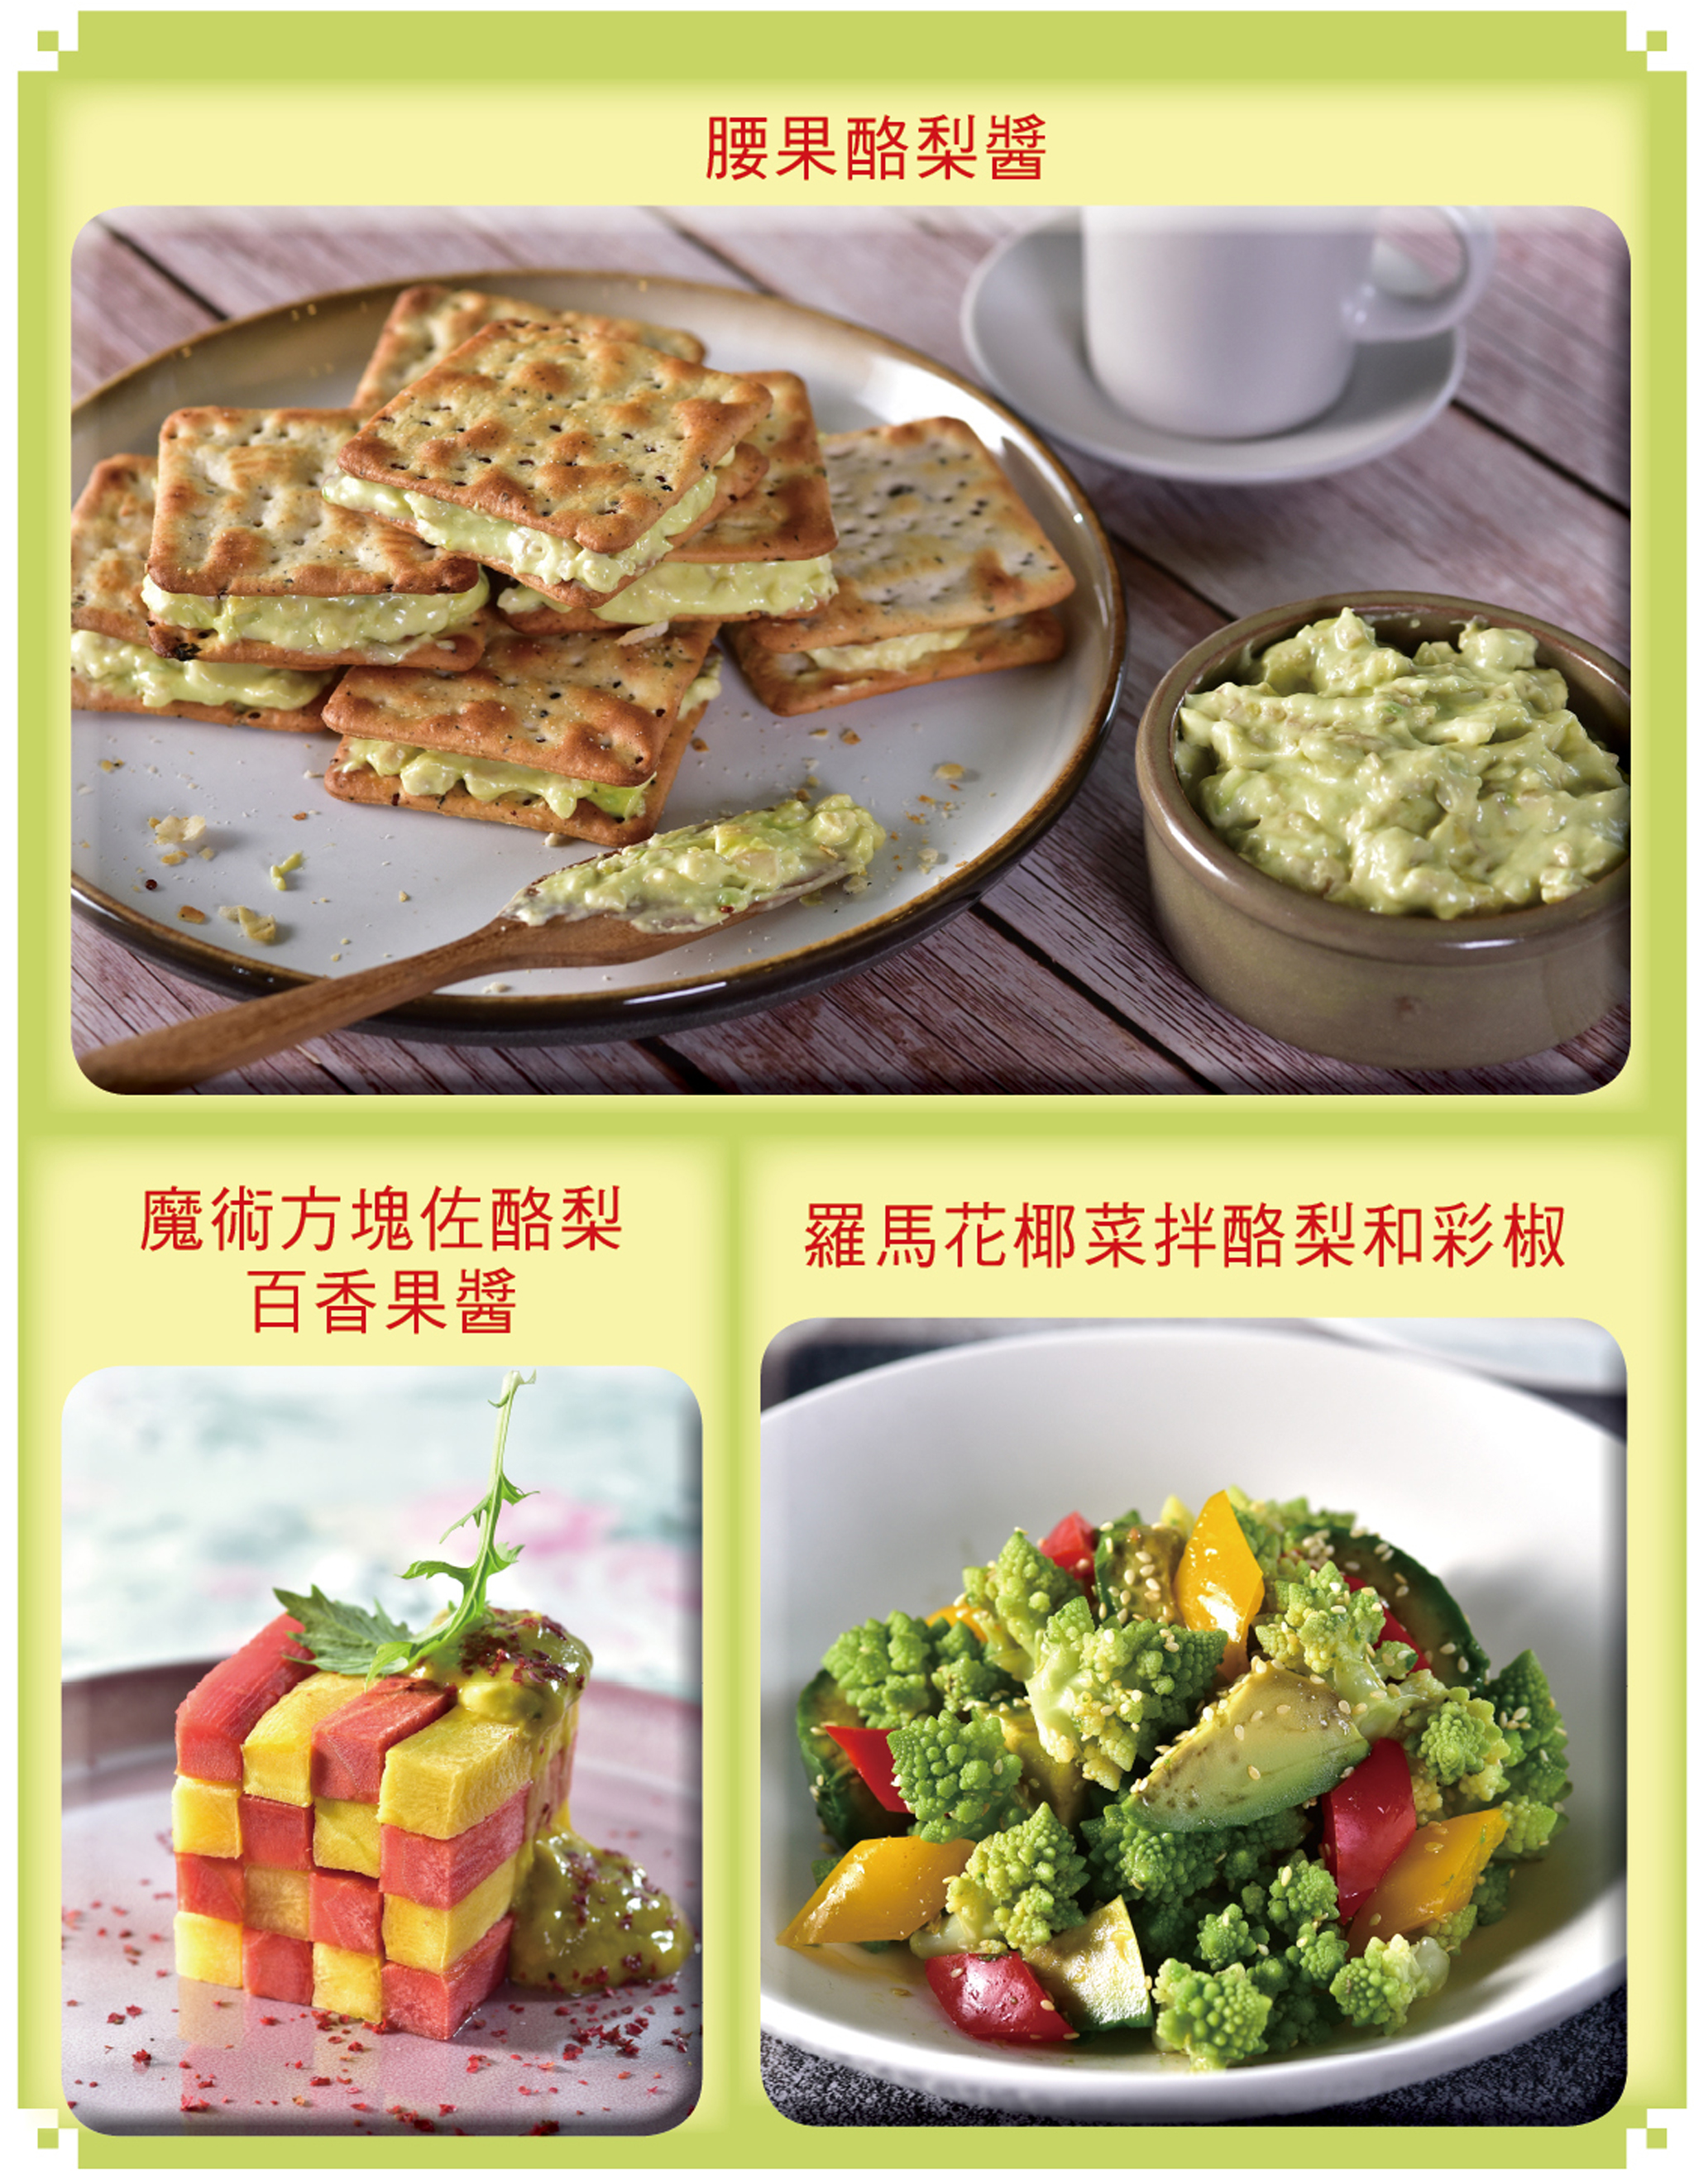 酪梨食譜:腰果酪梨醬、魔術方塊佐酪梨百香果醬、羅馬花椰菜拌酪梨和彩椒。